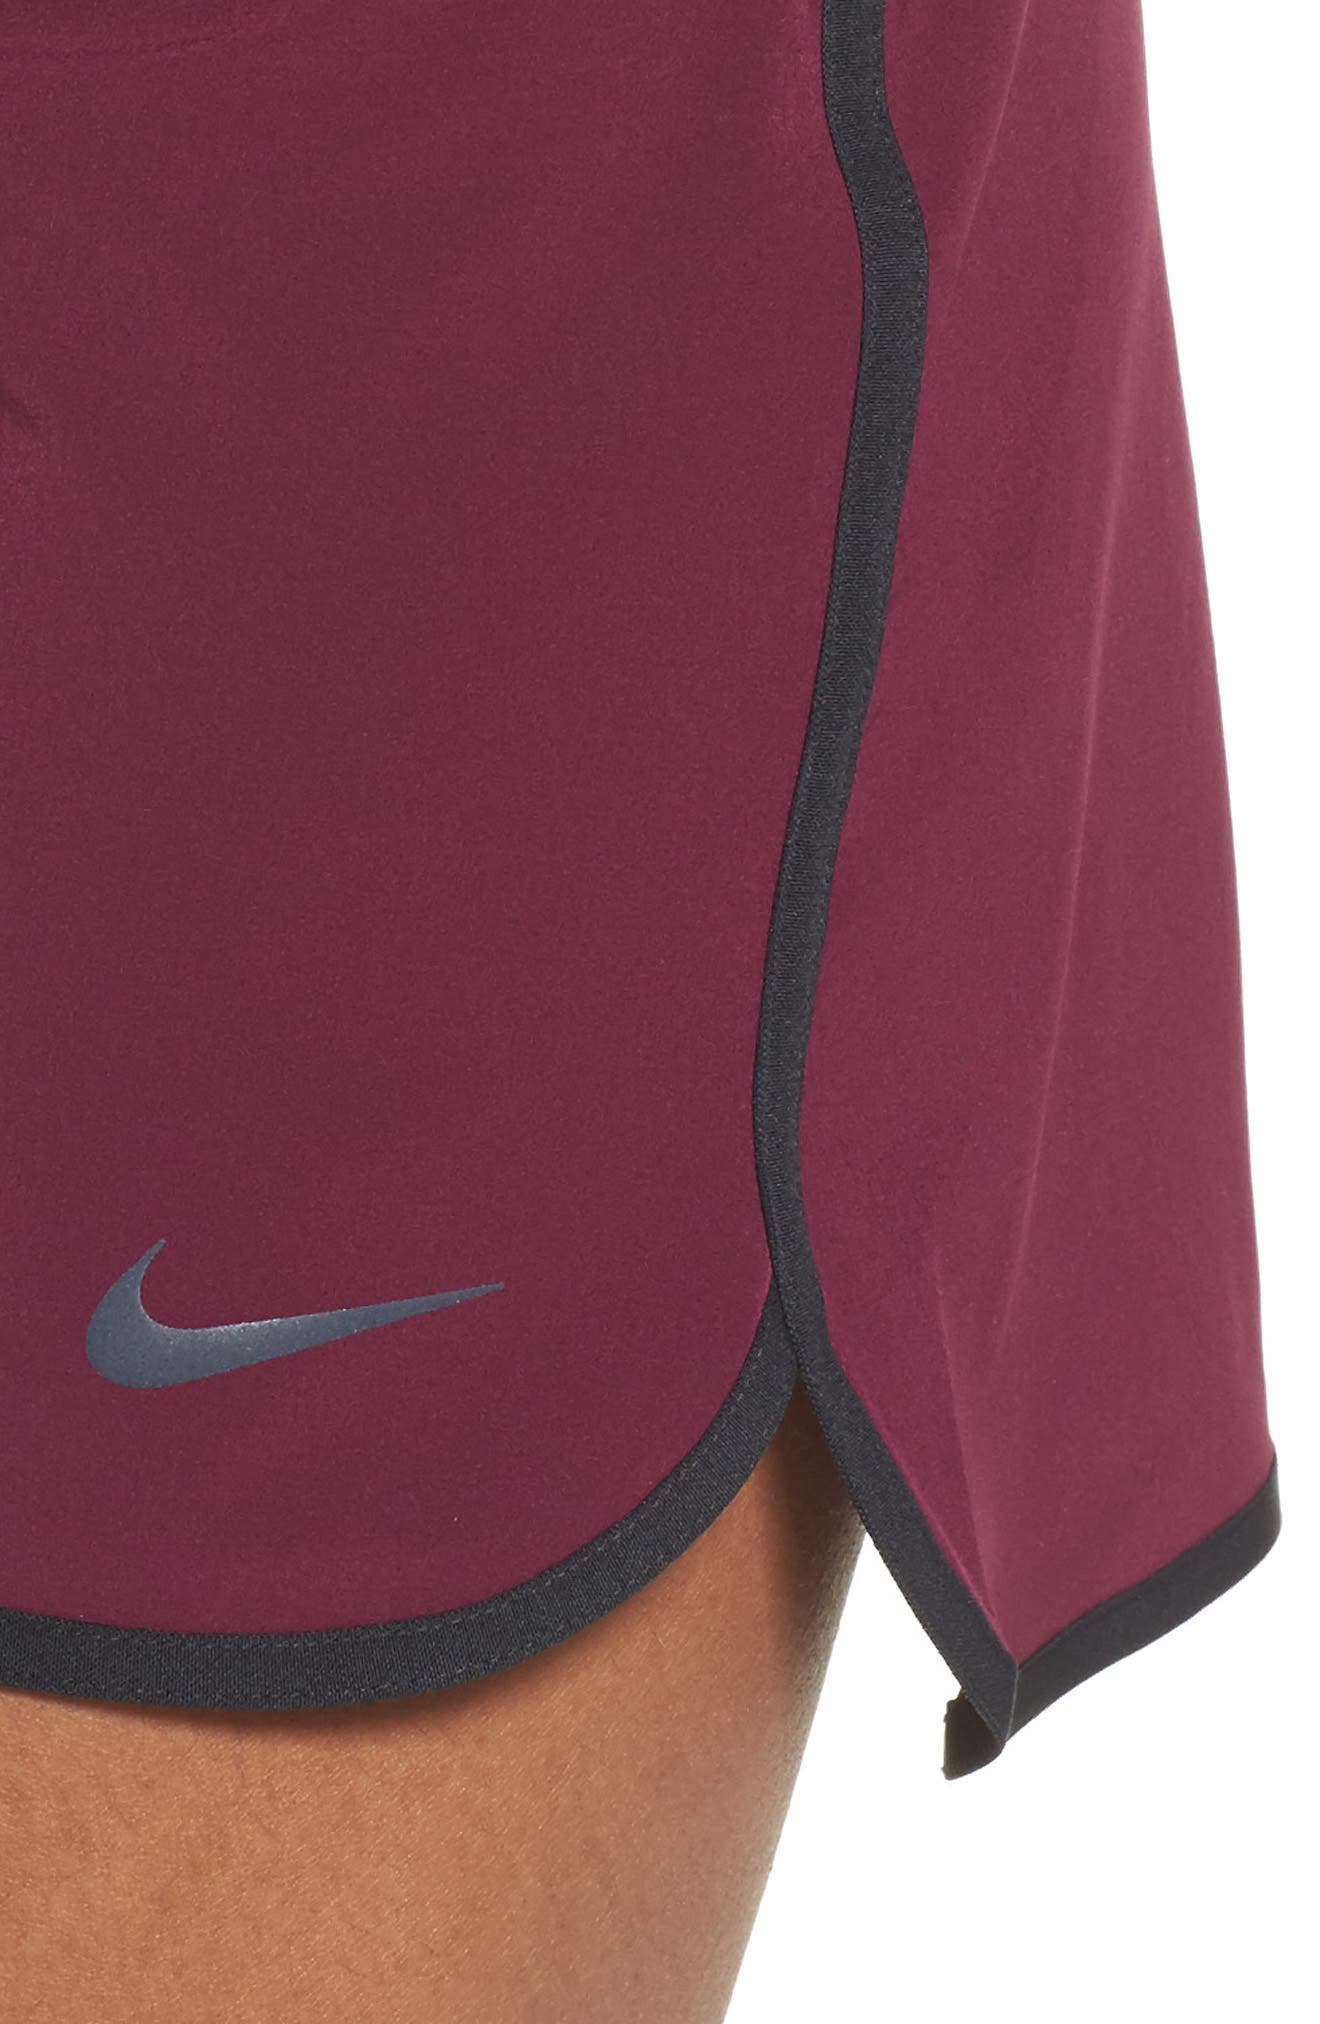 Flex Tennis Skirt,                             Alternate thumbnail 4, color,                             930